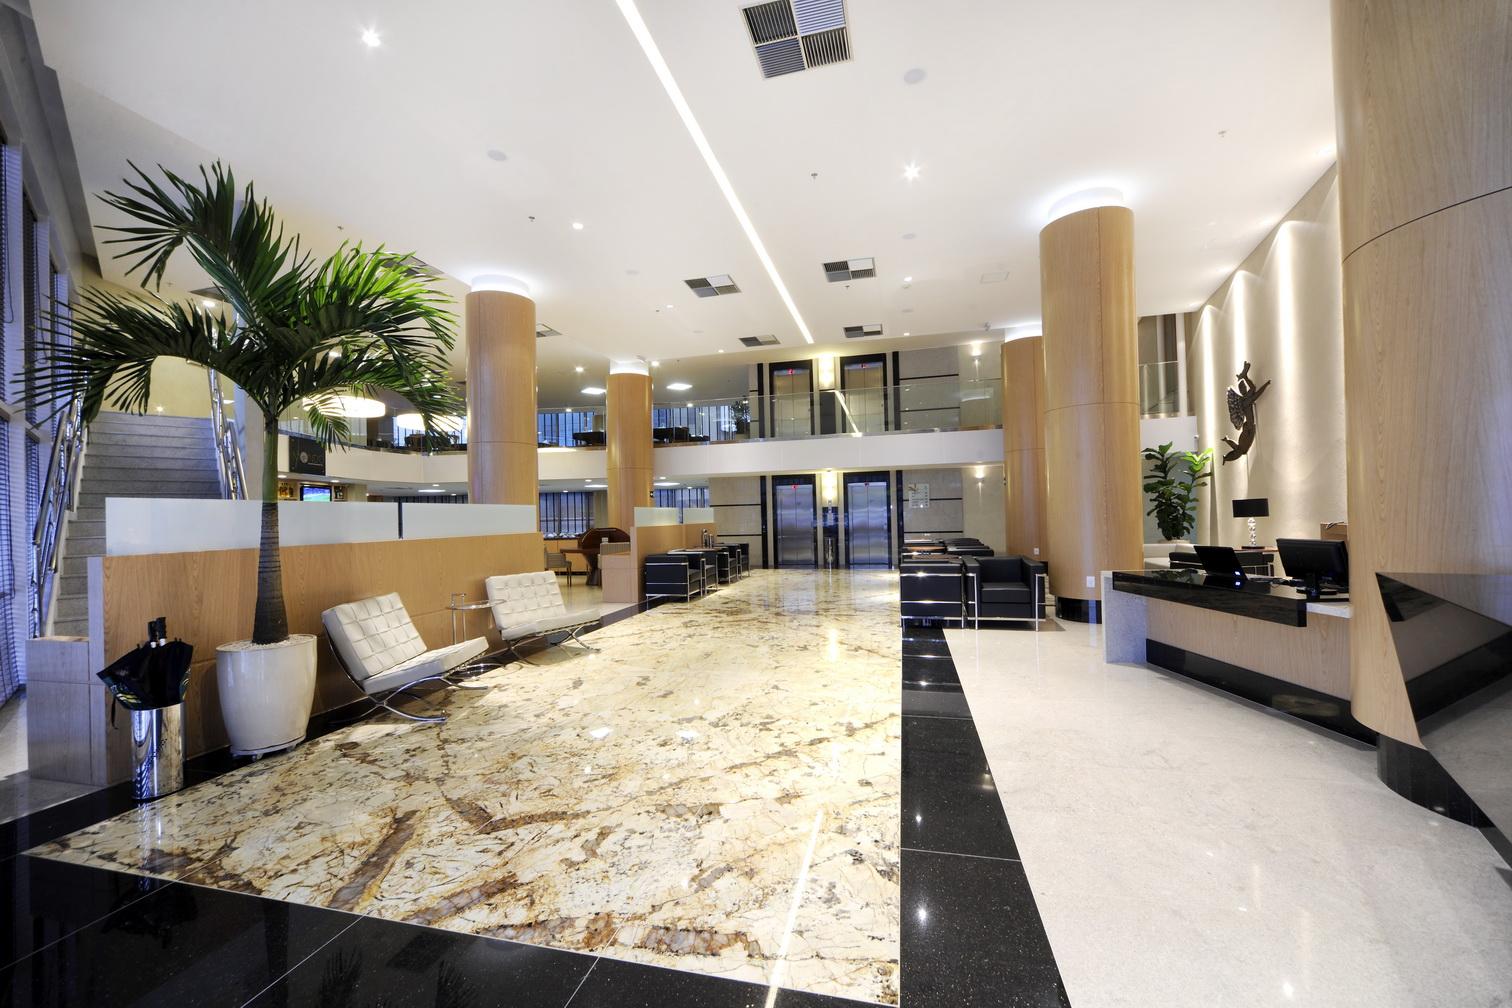 Quality Hotel Aeroporto Vitória conta com banheiros adaptados  #8A6D41 1512x1008 Banheiro Adaptado Cadeirante